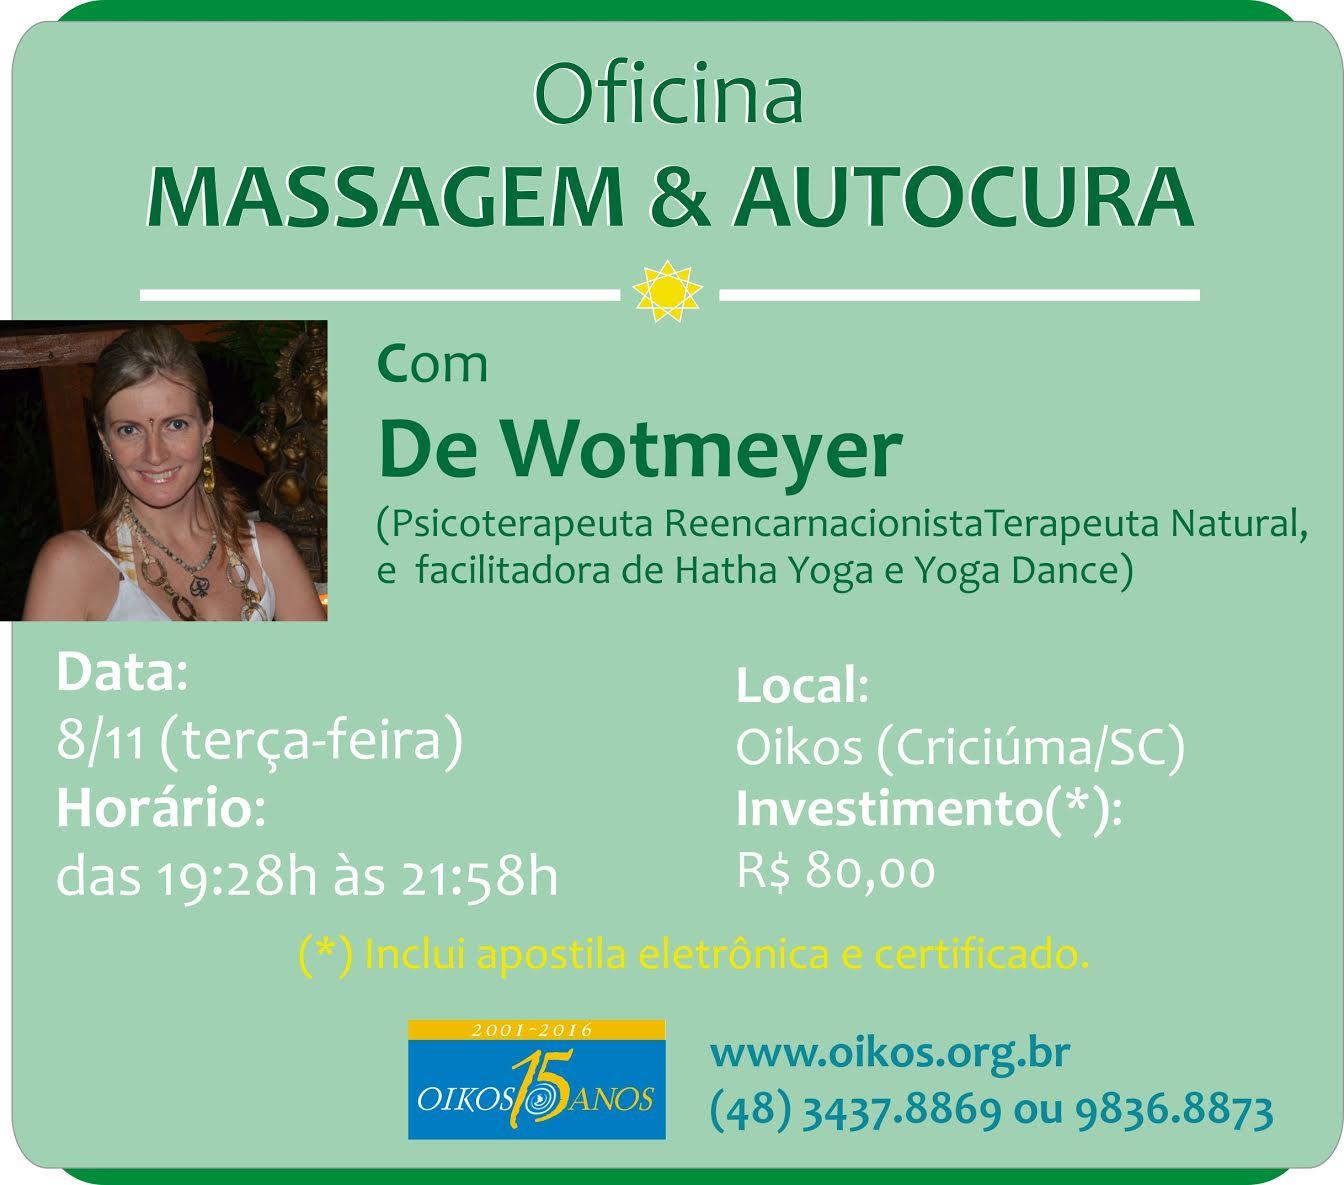 oficina-de-massagem-autocura-08-11